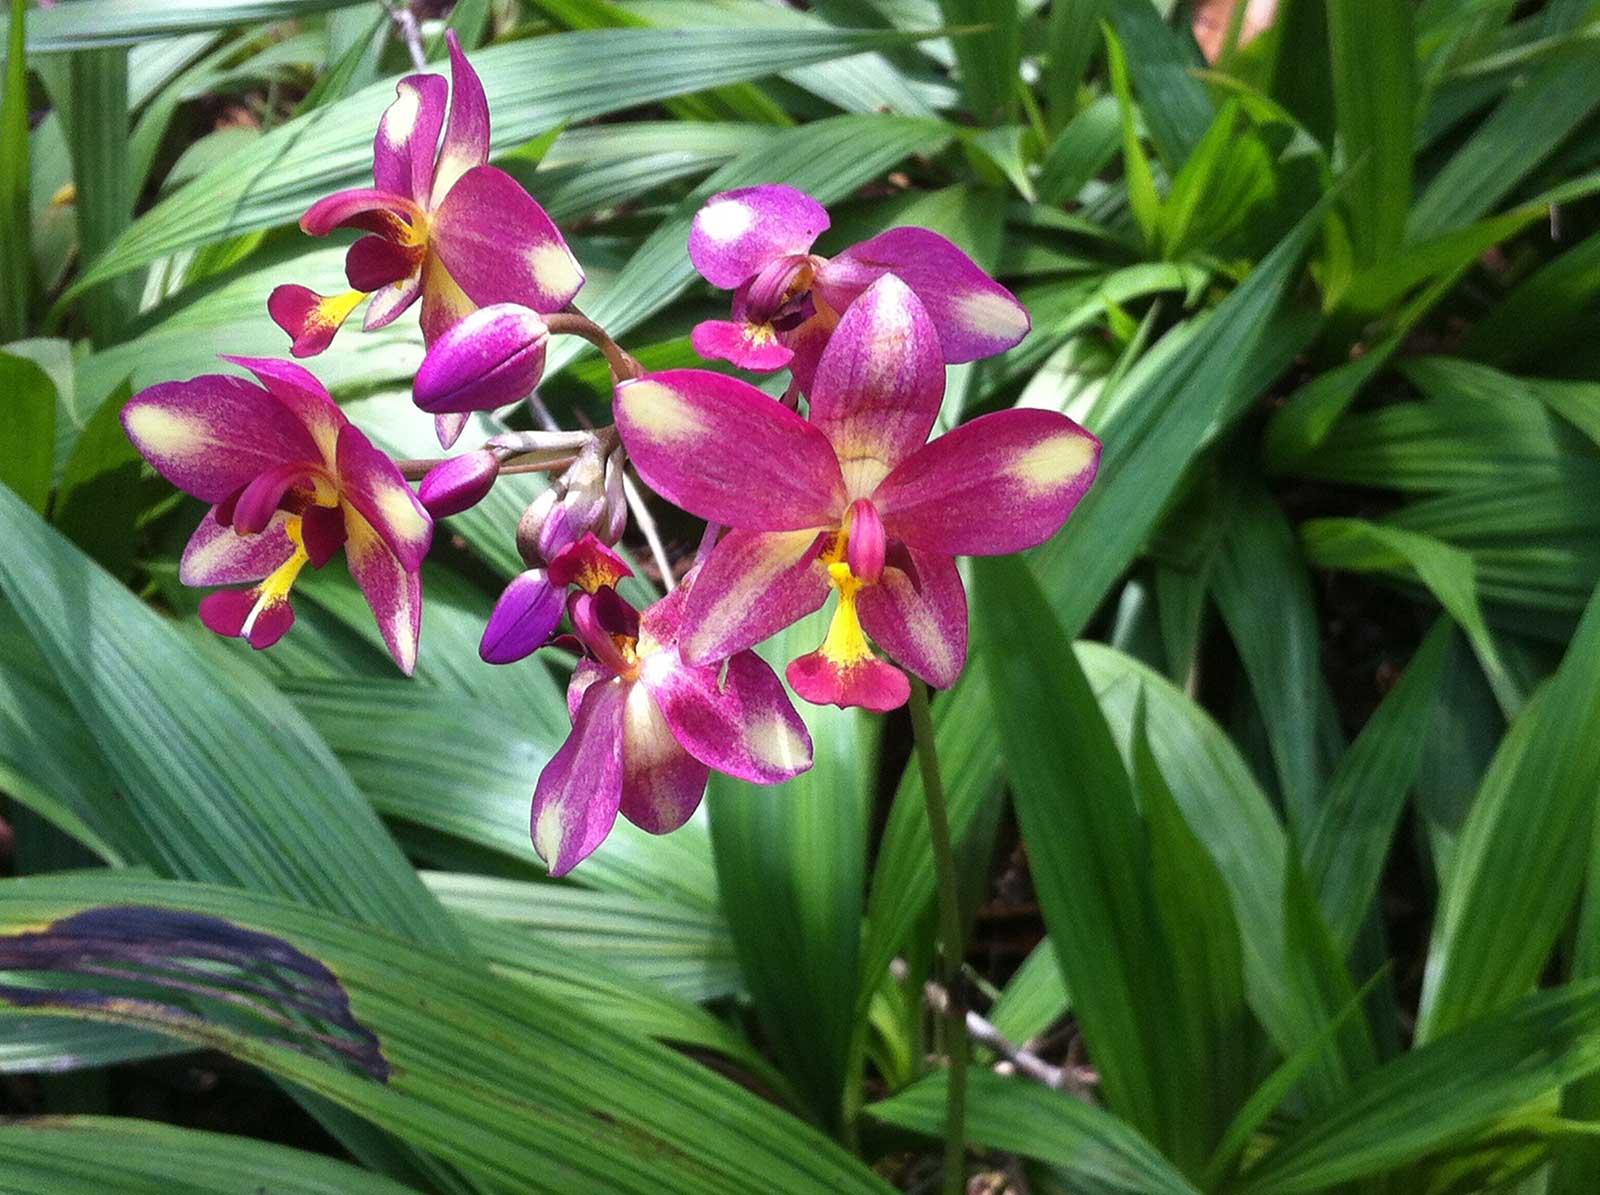 Sehenswürdigkeiten in Singapur; Botanischer Garten Singapur